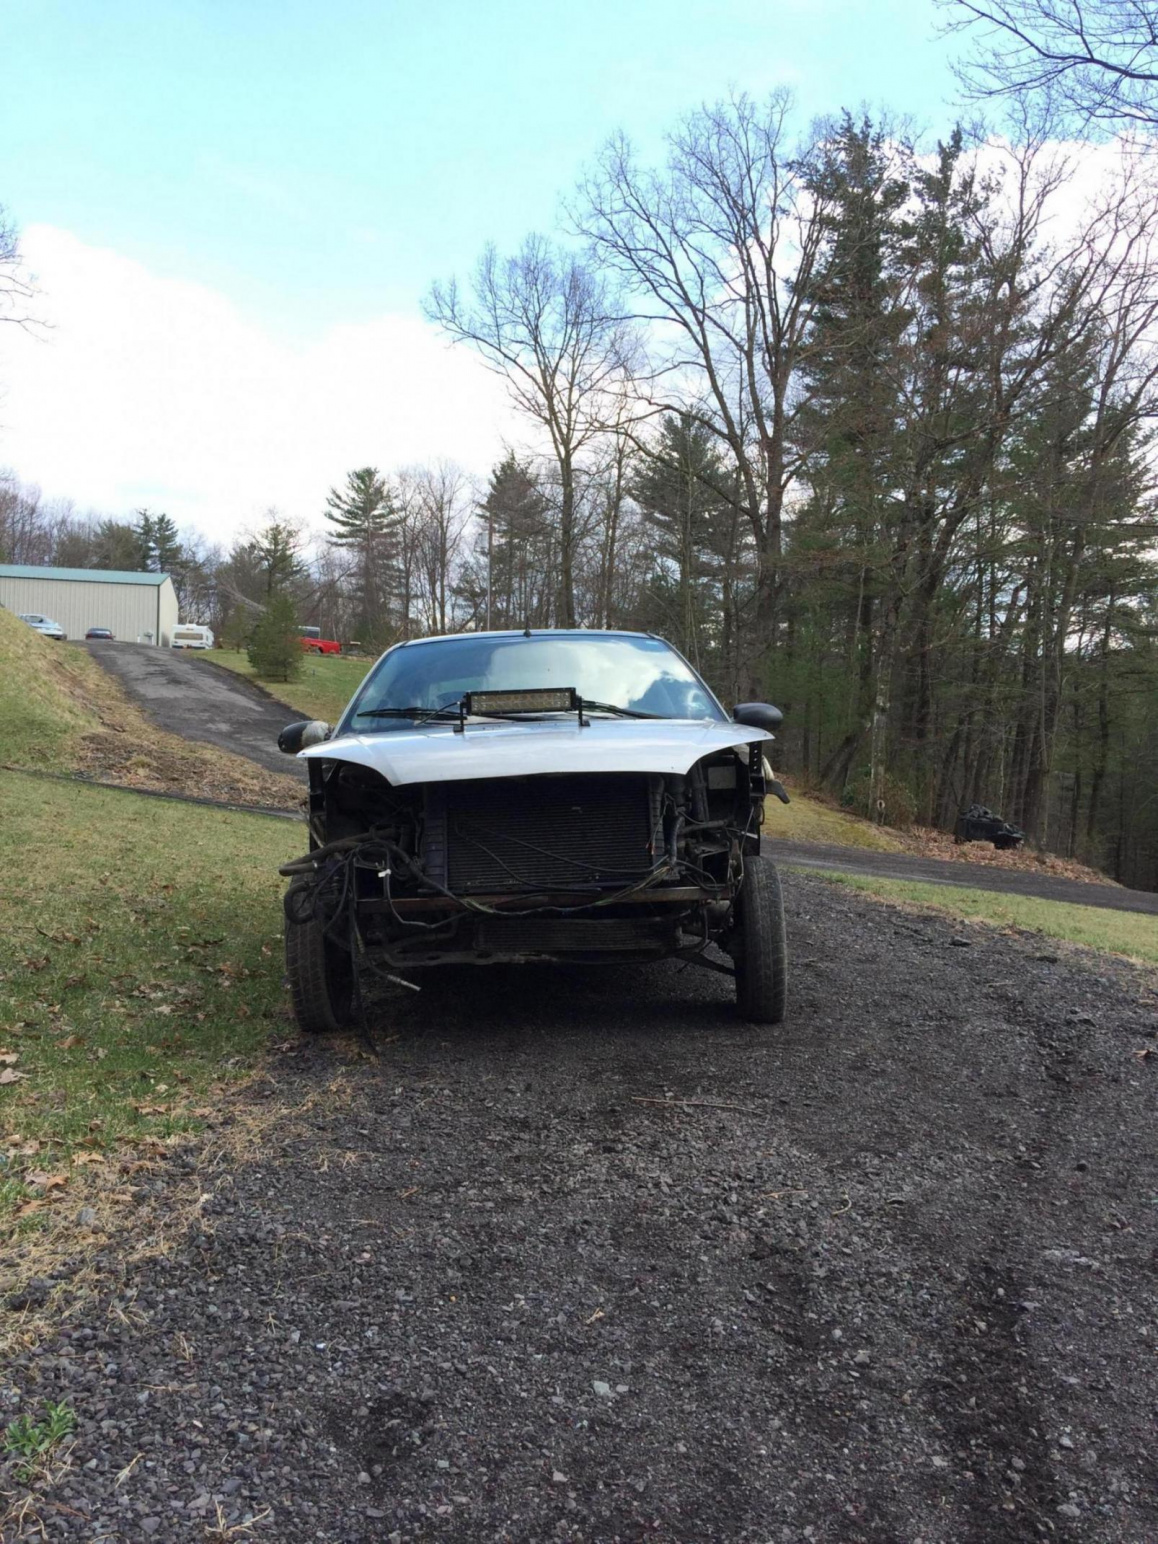 What did you do to your car today? Vol 2.-2fa2b29a-545d-4840-b00f-b7d83716b3a0_1554843472650.jpg